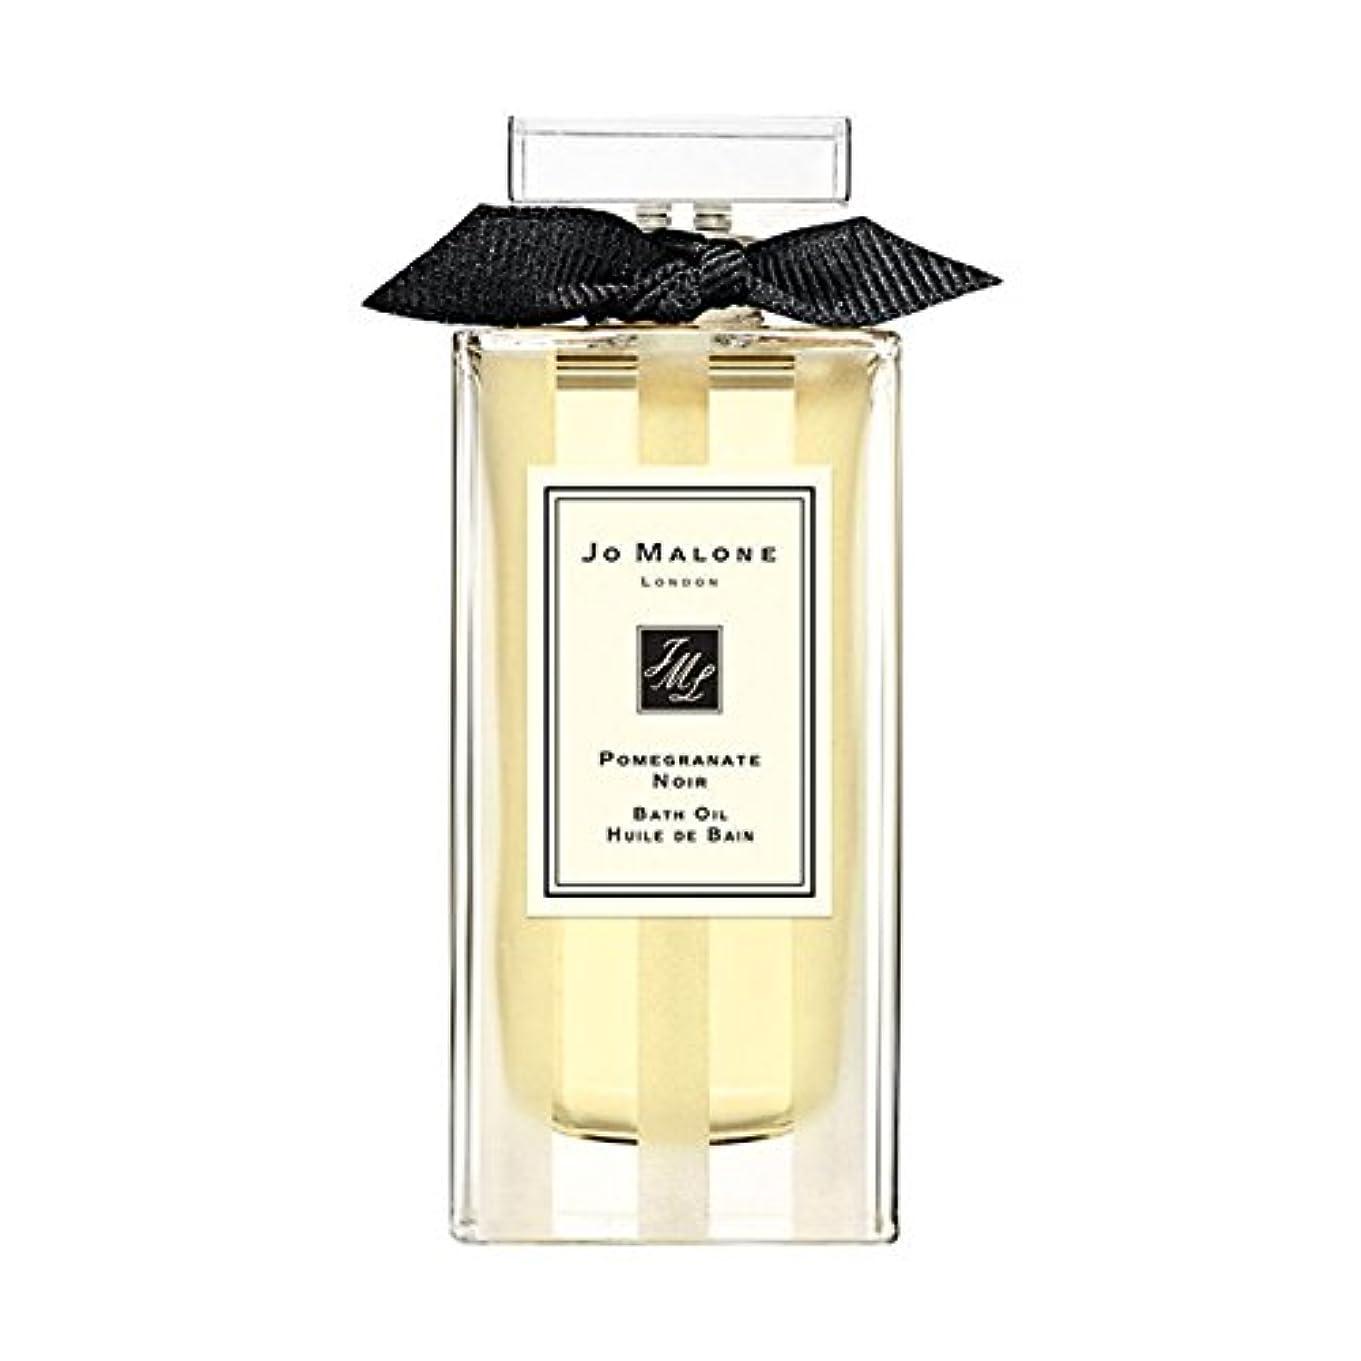 国歌器具戦争Jo Malone ジョーマローン, バスオイル -ザクロ?ノワール (30ml),'Pomegranate Noir' Bath Oil (1oz) [海外直送品] [並行輸入品]